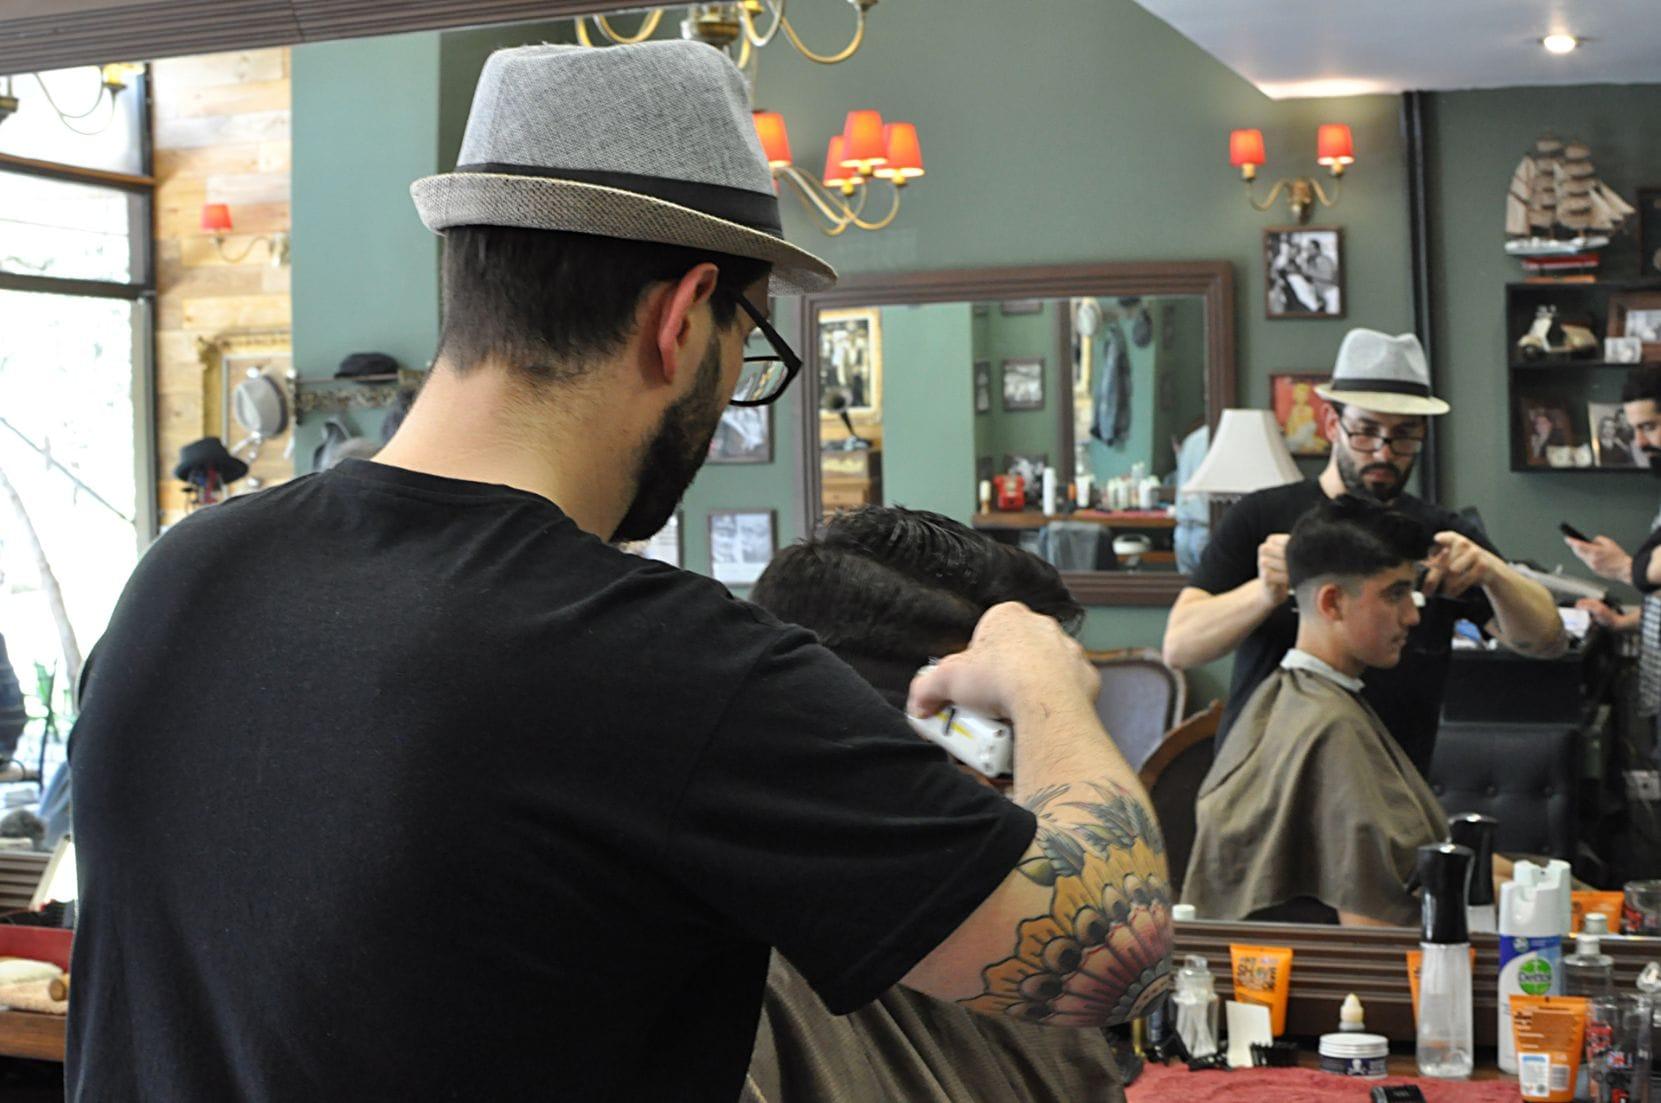 The Barber Man Barber μπαρμπεράδικα barbershop κουρείο μπαρμπέρικο